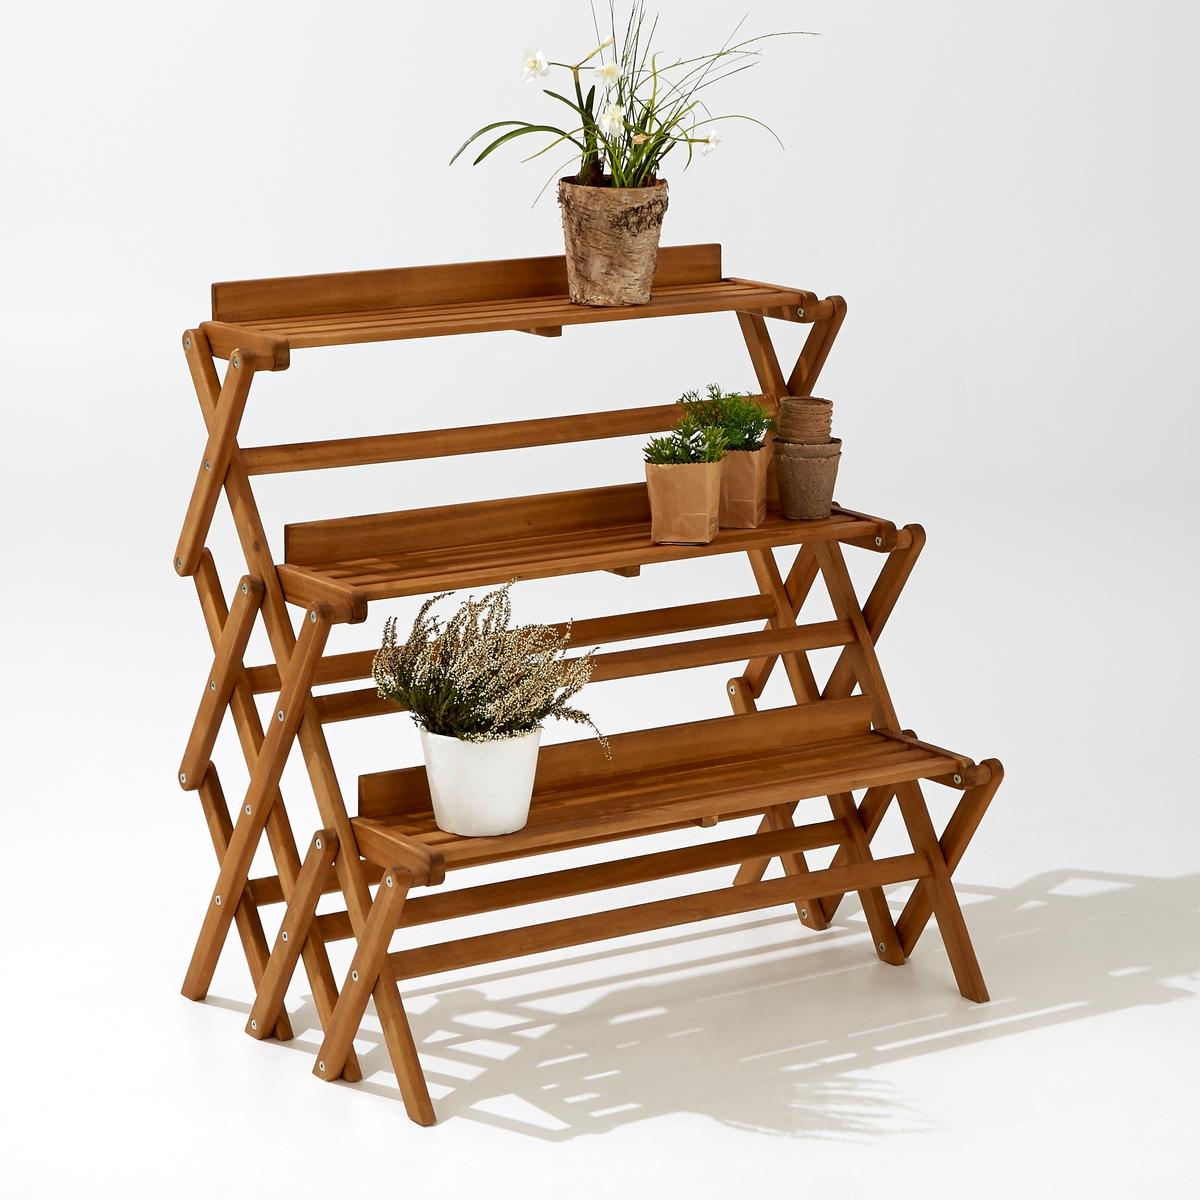 Этажерка садовая, 3-уровневая, складнаяСкладная 3-уровневая садовая этажерка Идеальна для сада или террасы,  на этой небольшой этажерке поместятся комнатные растения и  декоративные элементы. Очень практичная, складная, легко разбирается и собирается .                      Характеристики :           Этажерка 3-уровневая     Складная Акация, цвет тикового дерева            Общие размеры :           Ширина 80 x длина  53 x высота 83 смРазмеры:Ширина 78,5 смДлина  16,6 смКачество:Акация - это дерево с отличными механическими качествами, такими как долговечность (отличная устойчивость к воздействию насекомых и грибков)и стойкость к переменам погоды(чередование засушливых и влажных периодов).Размеры и вес упаковки :           1 упаковкаШир.97 xВыс. 16 xГл. 83 см, 8,5 кг<br><br>Цвет: акация